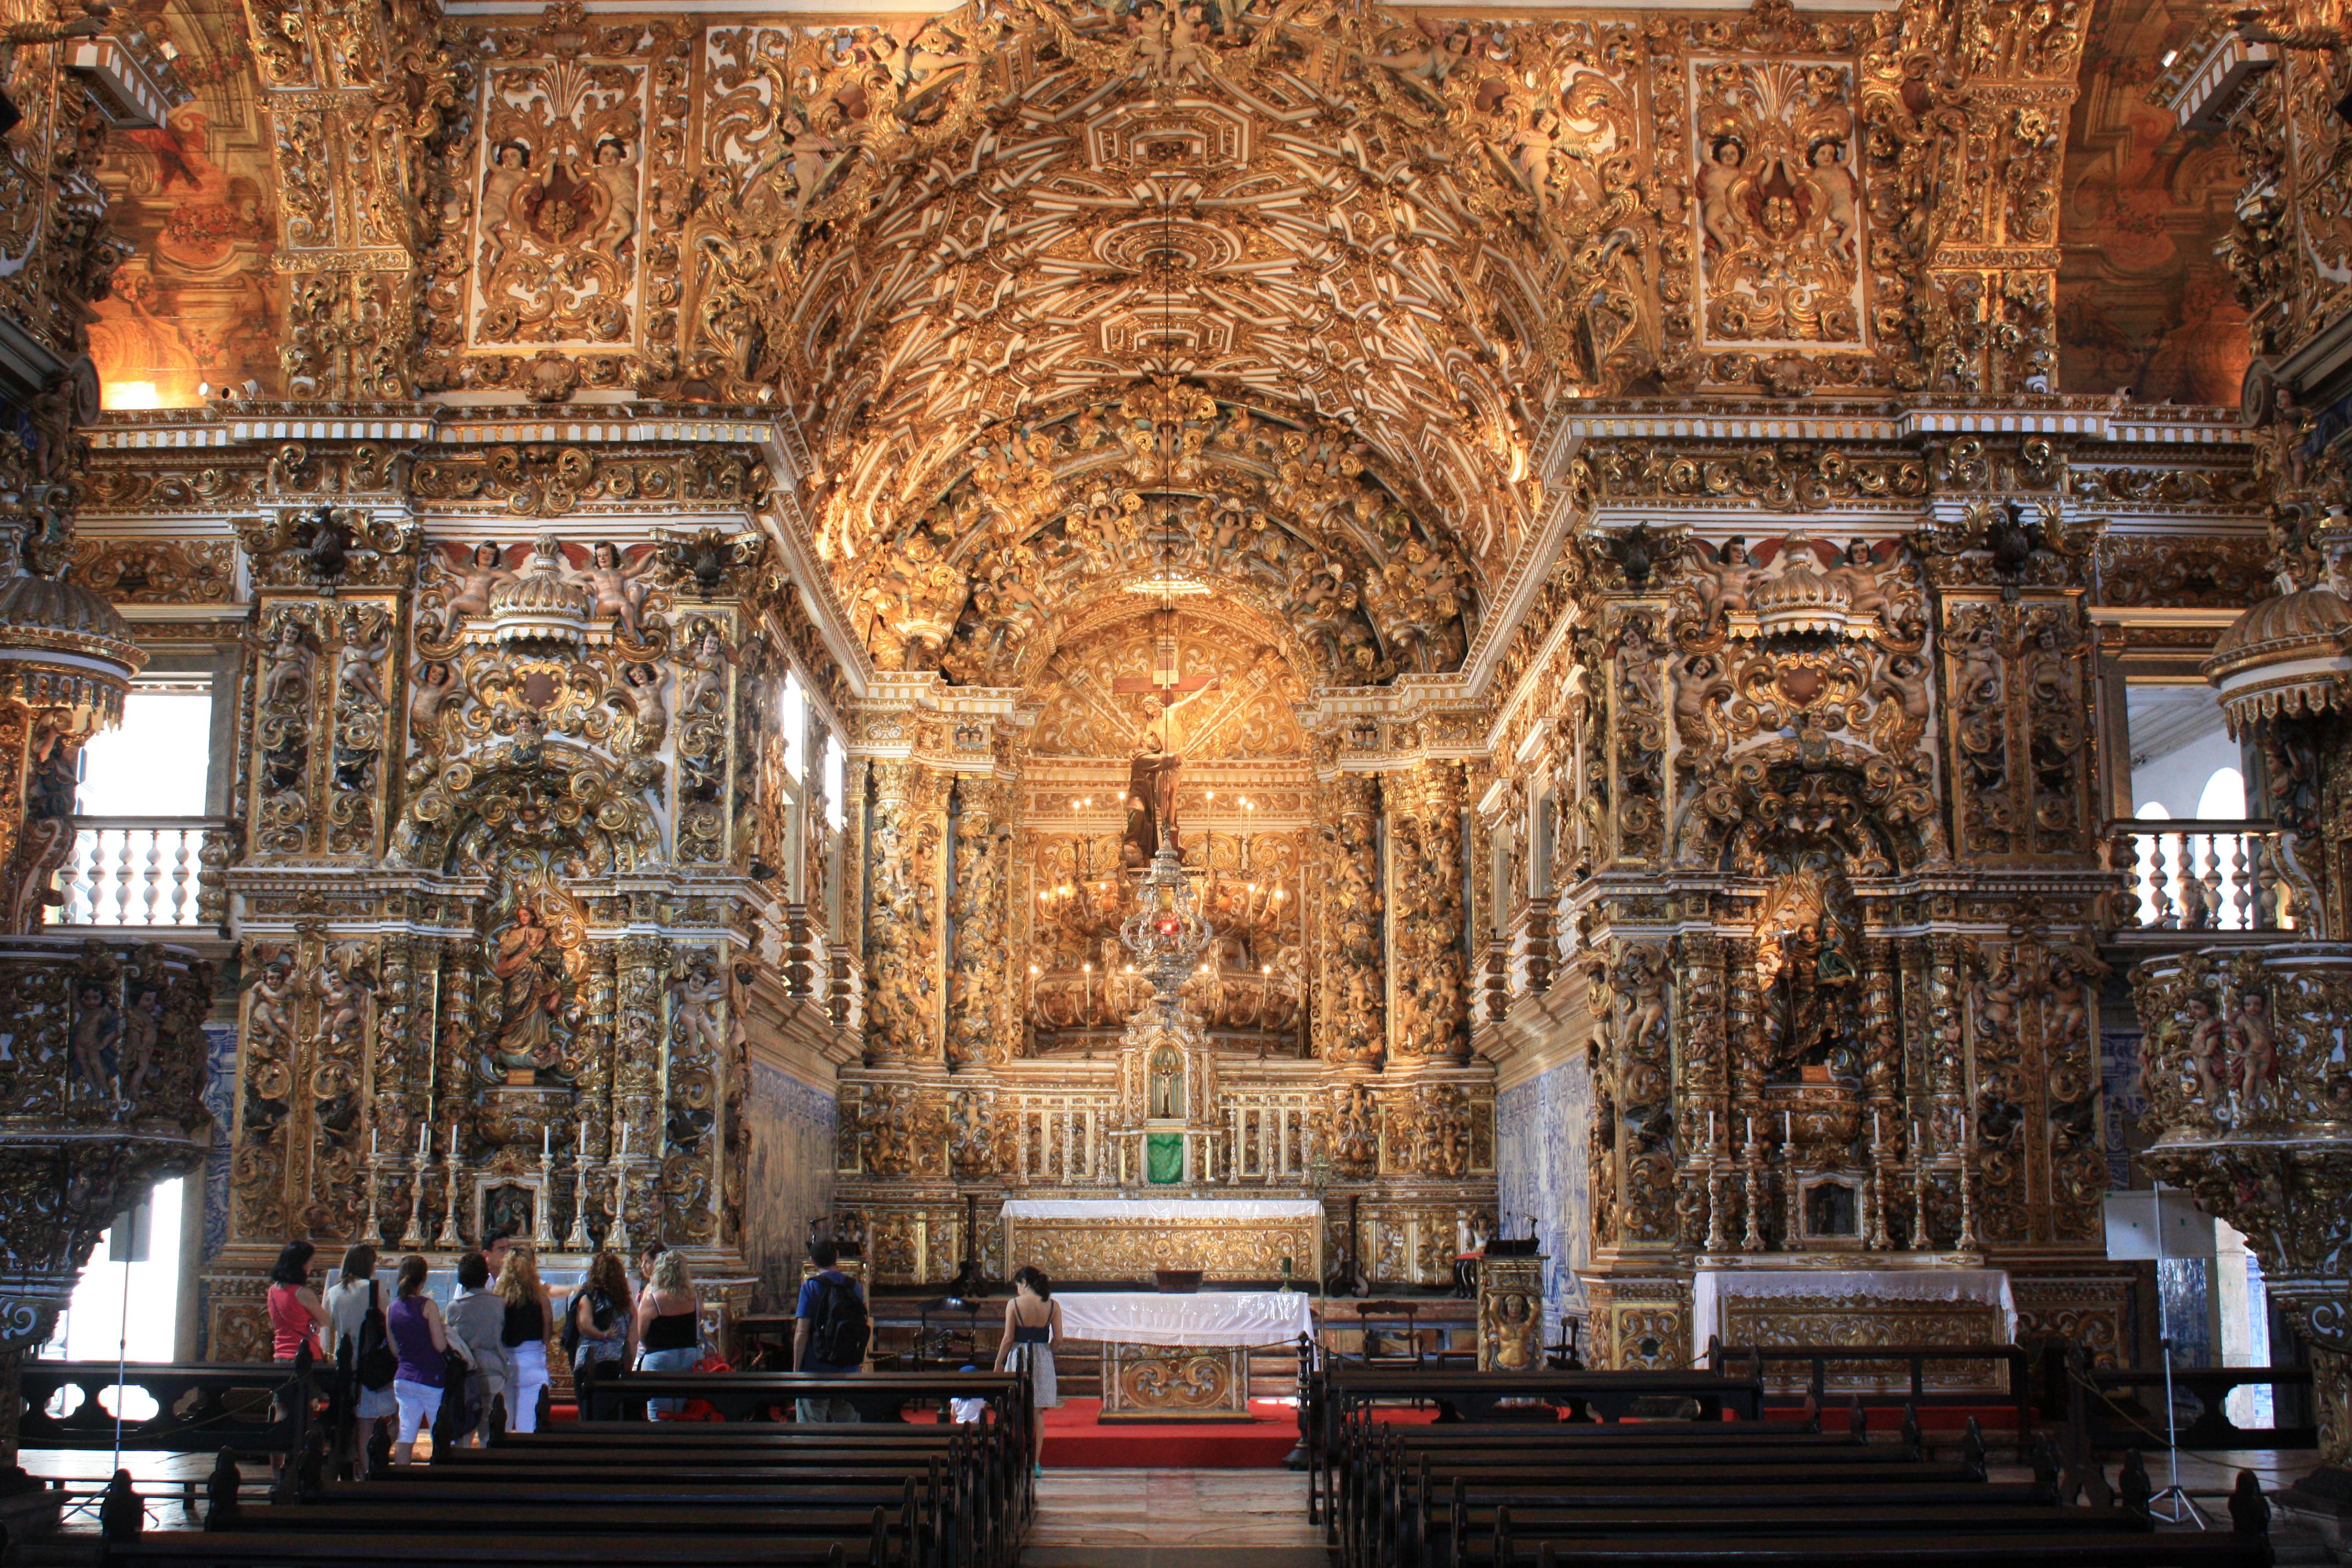 Setecientos kilos de oro en la iglesia m s impresionante for La casa del azulejo san francisco